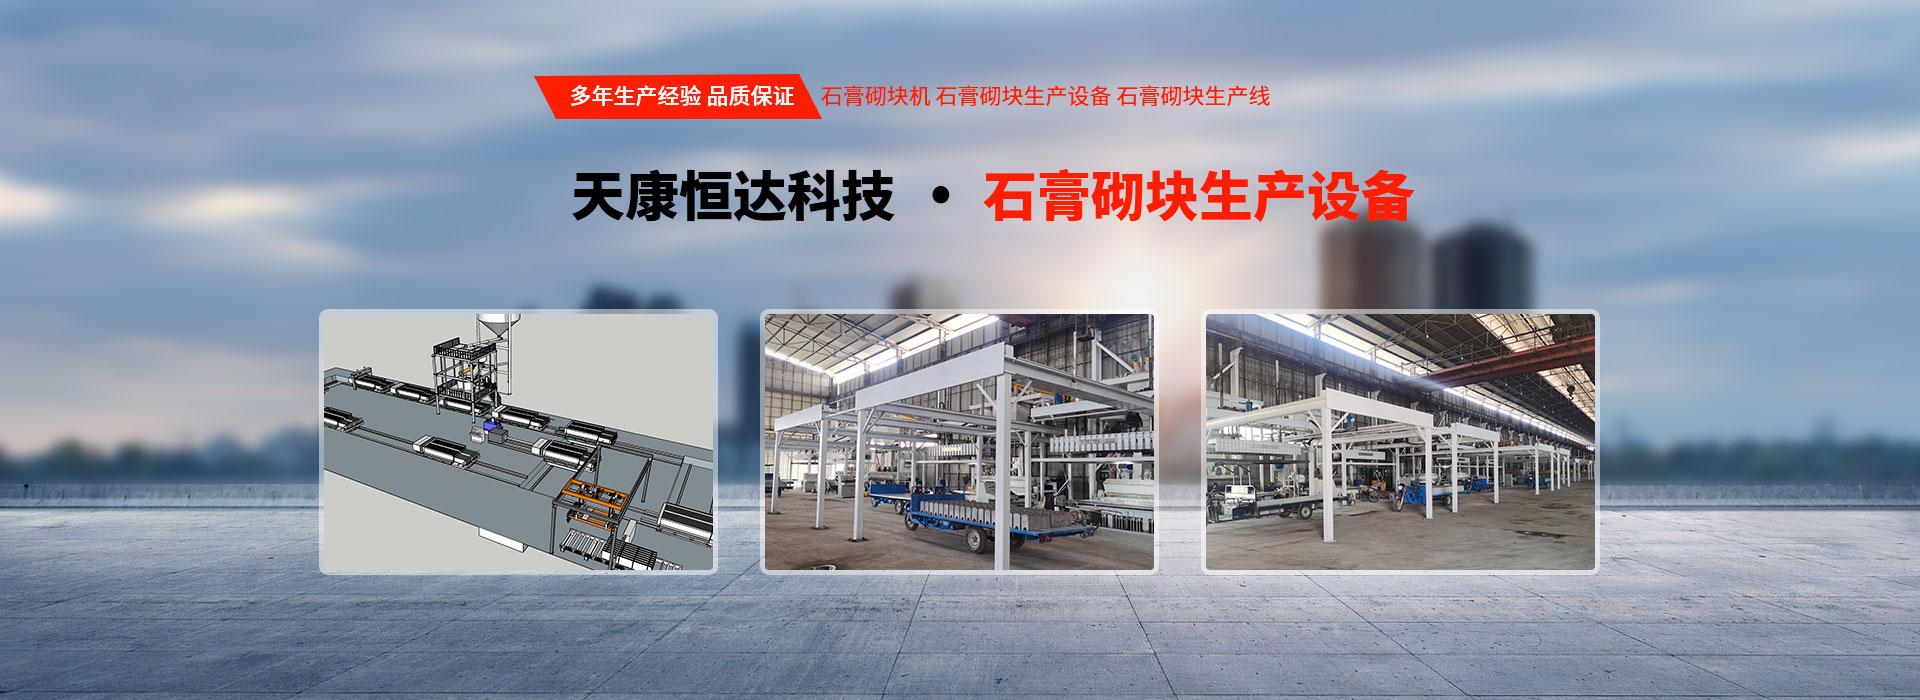 石膏砌块机生产设备